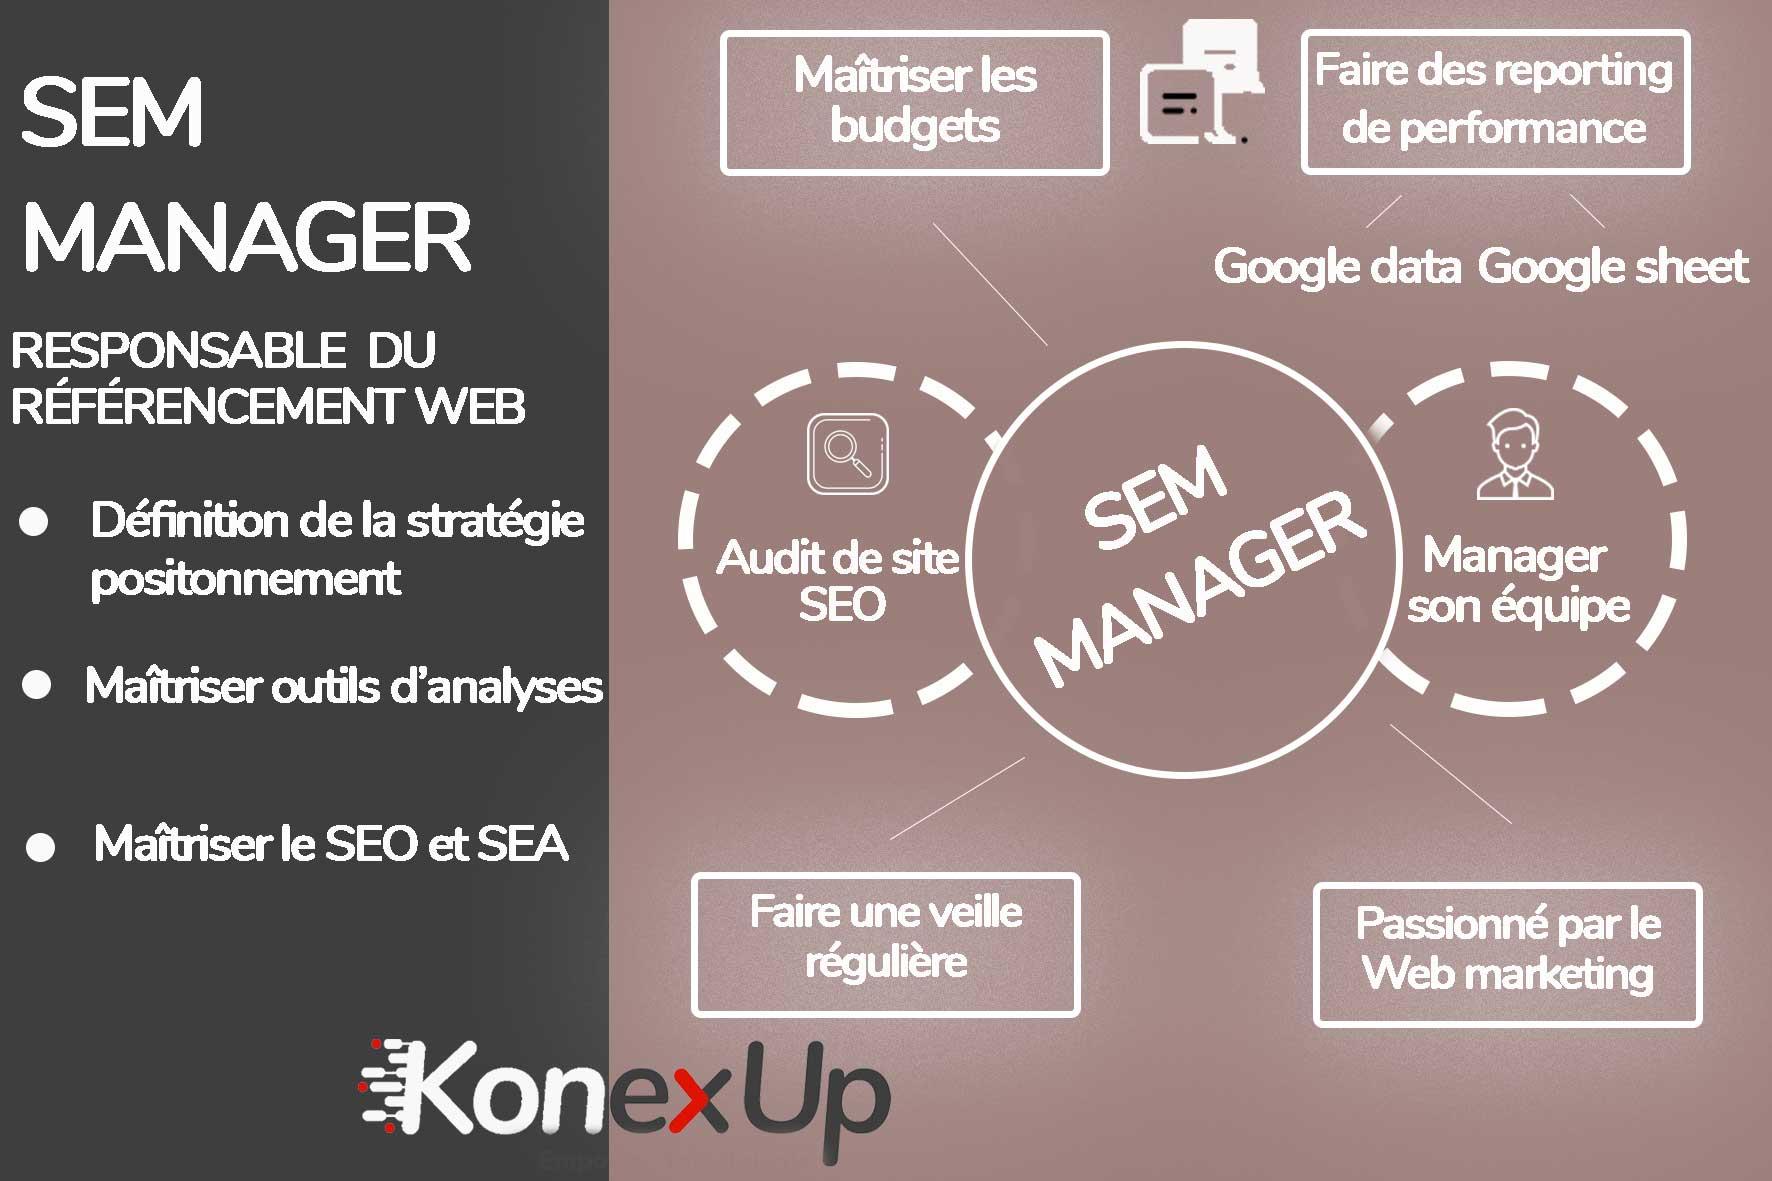 SEM Manager responsable référencement